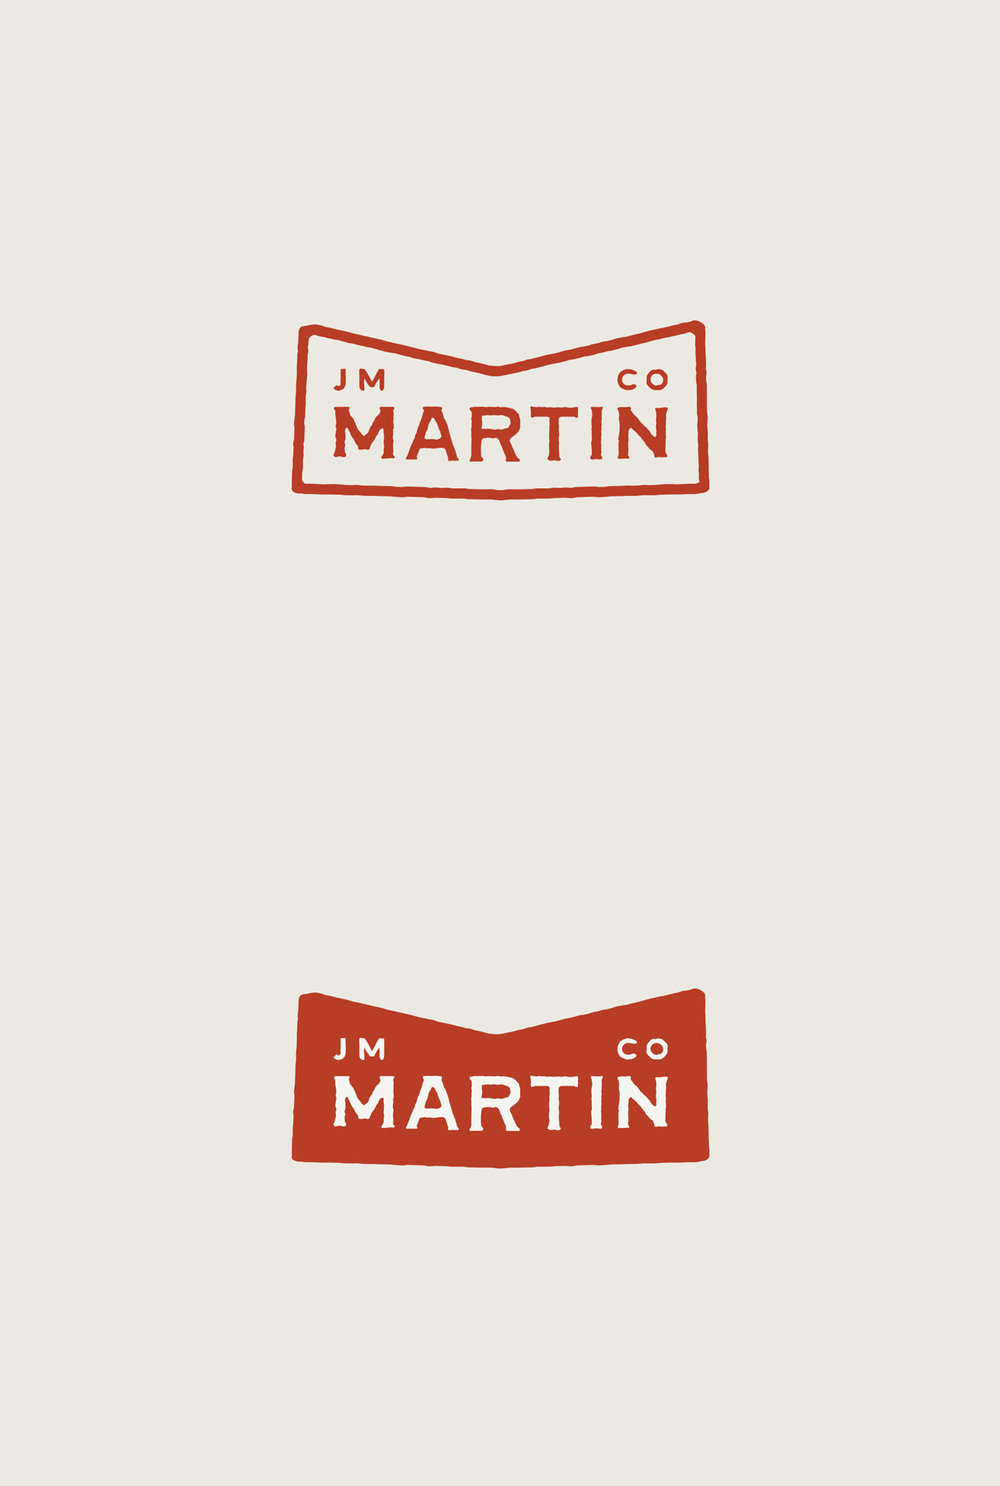 jmmartin-vert_identity-variation.jpg